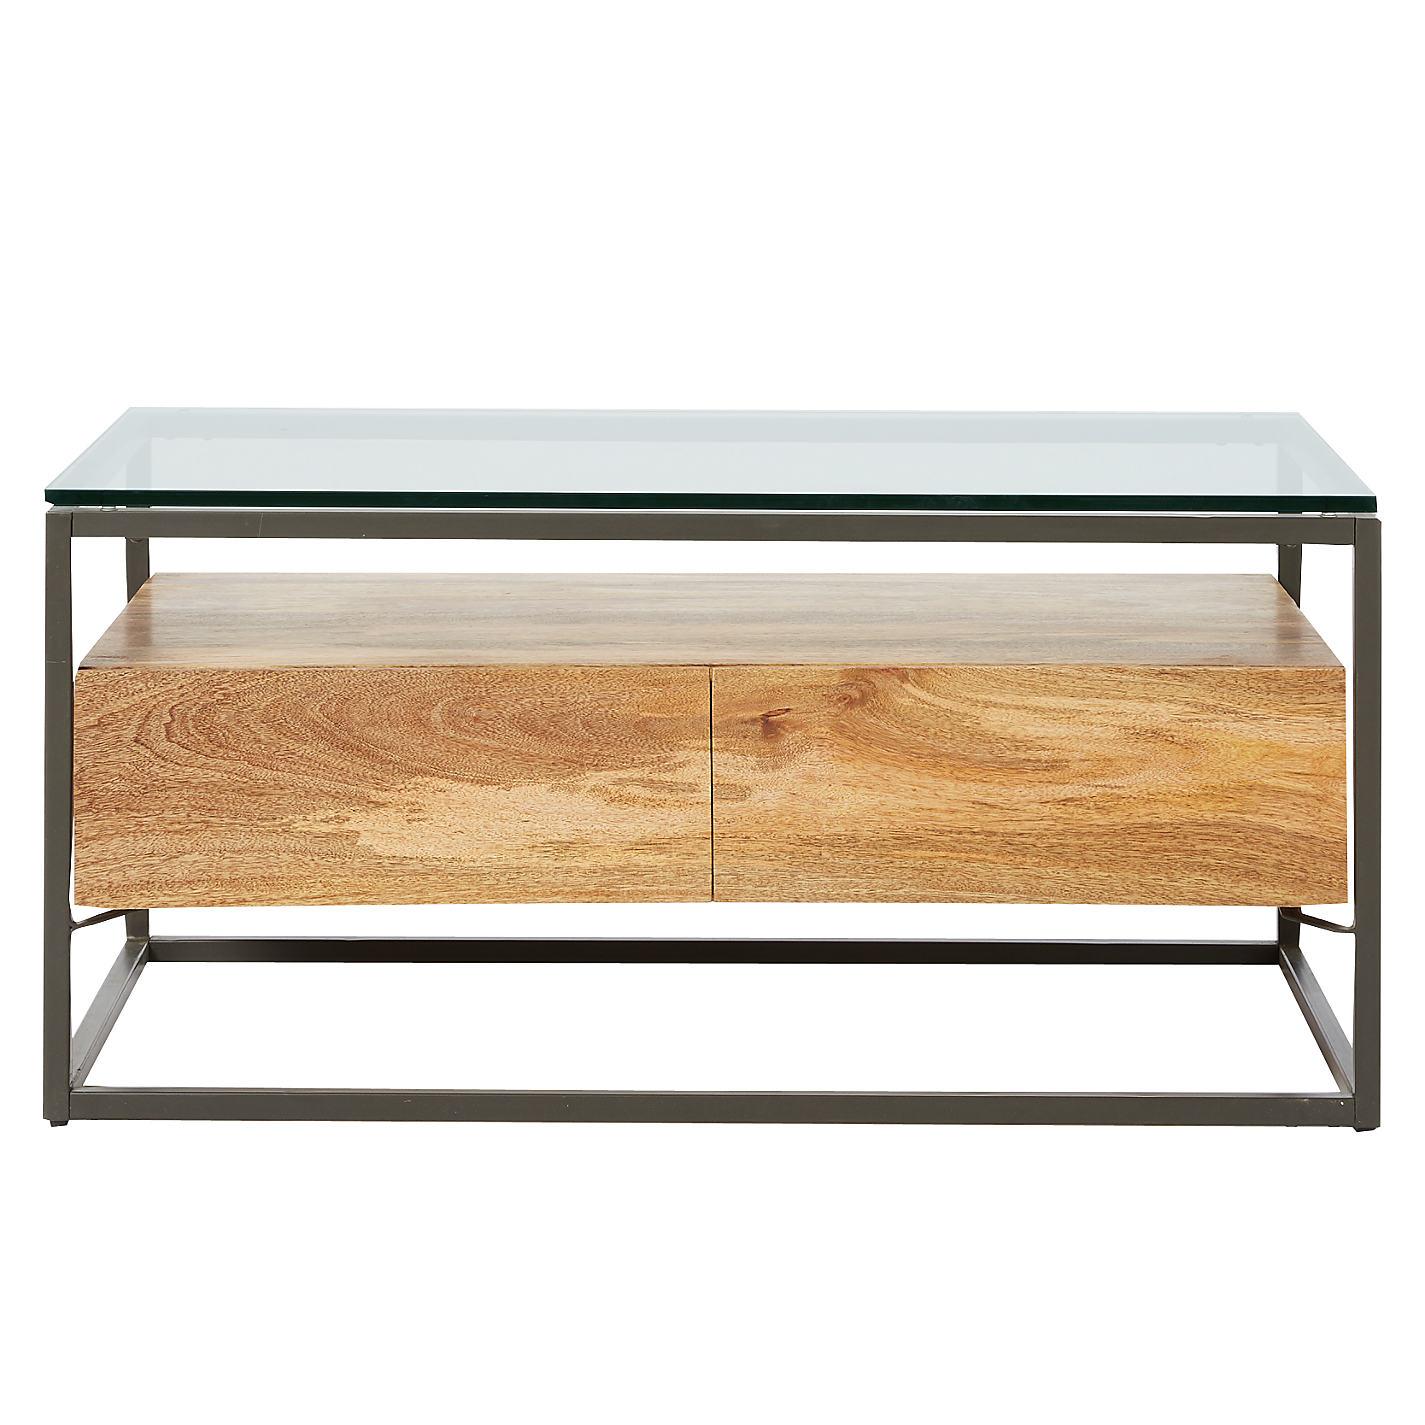 Buy west elm industrial storage box frame coffee table john lewis buy west elm industrial storage box frame coffee table online at johnlewis geotapseo Gallery